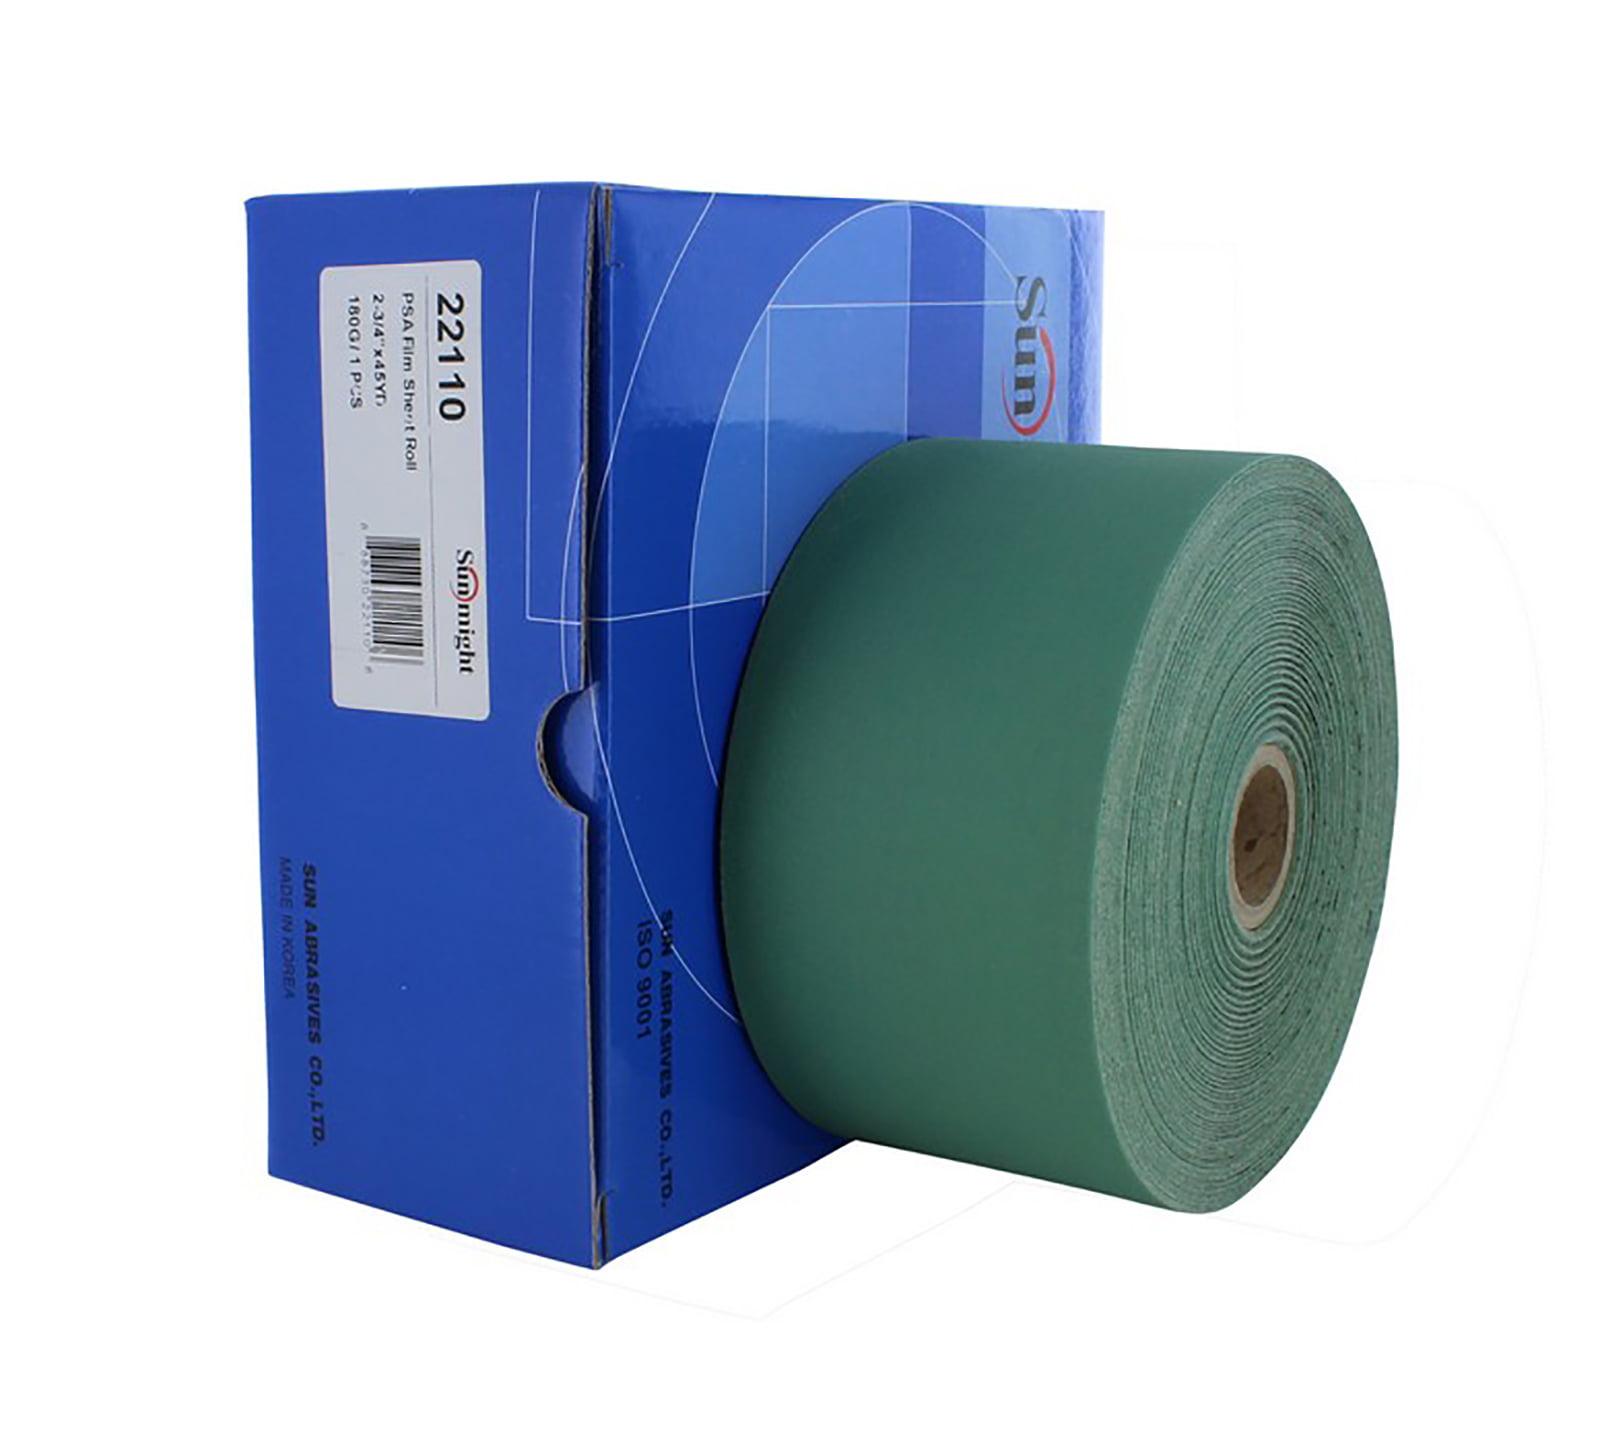 3M 30708 Hookit 334U Purple 70 mm x 12 m P220 Grit Clean Sanding Sheet Roll